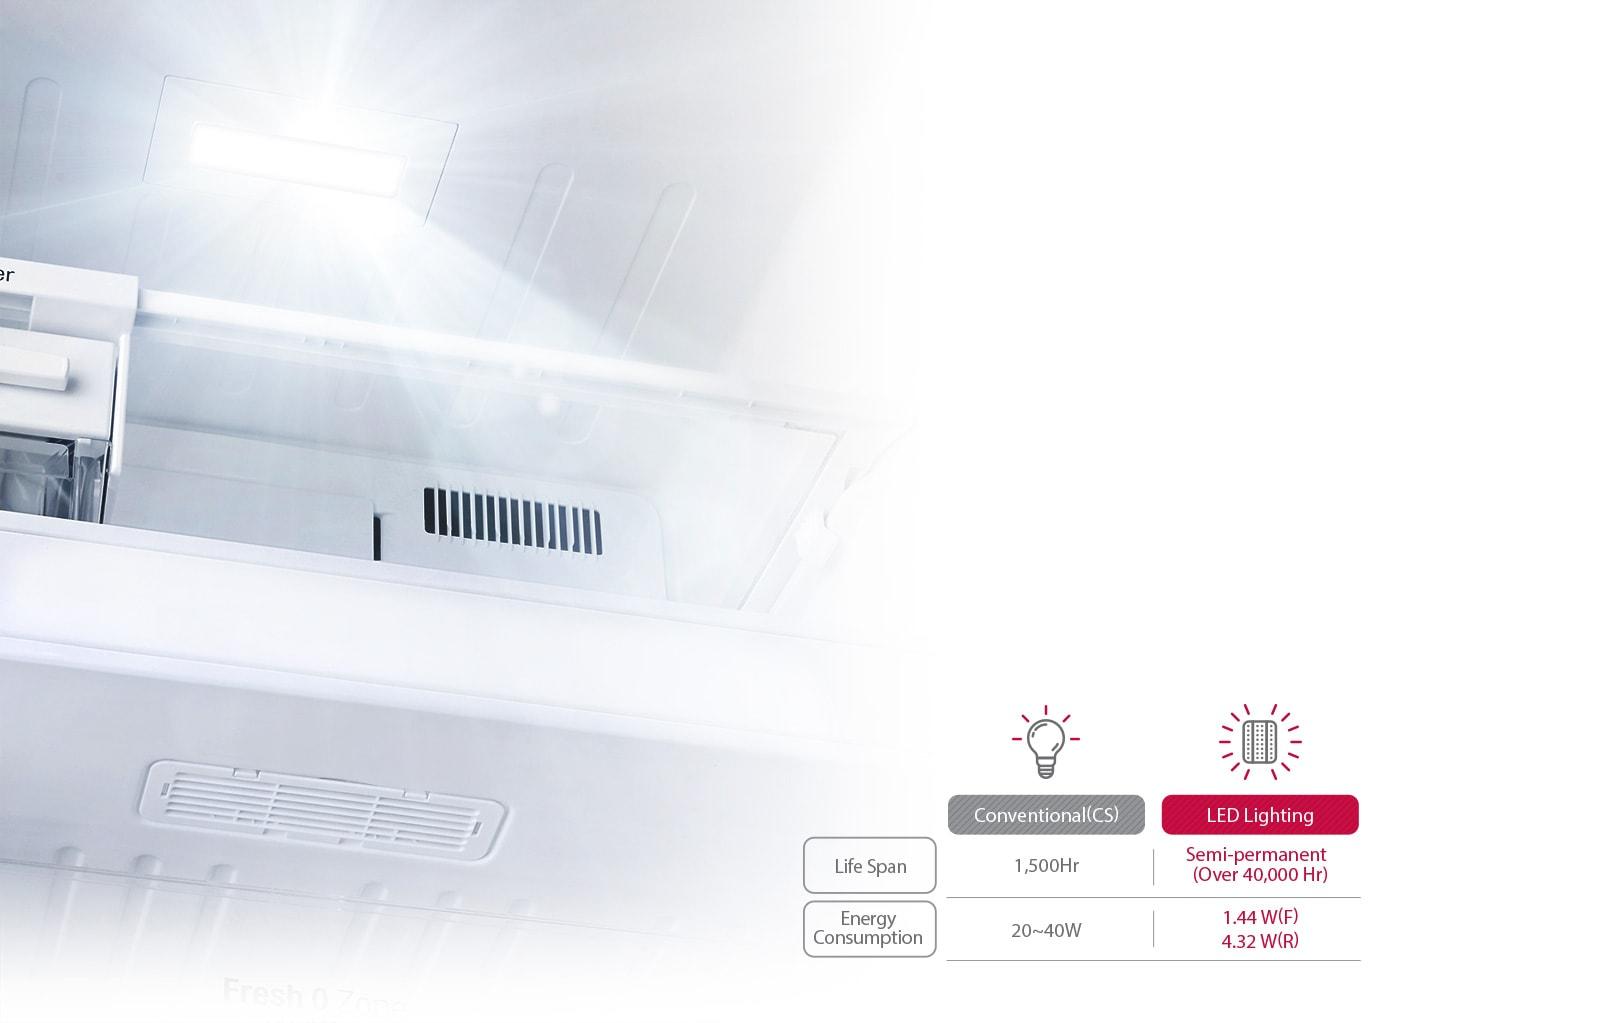 LT22CBBSLN_LED-Lighting_05122018_D